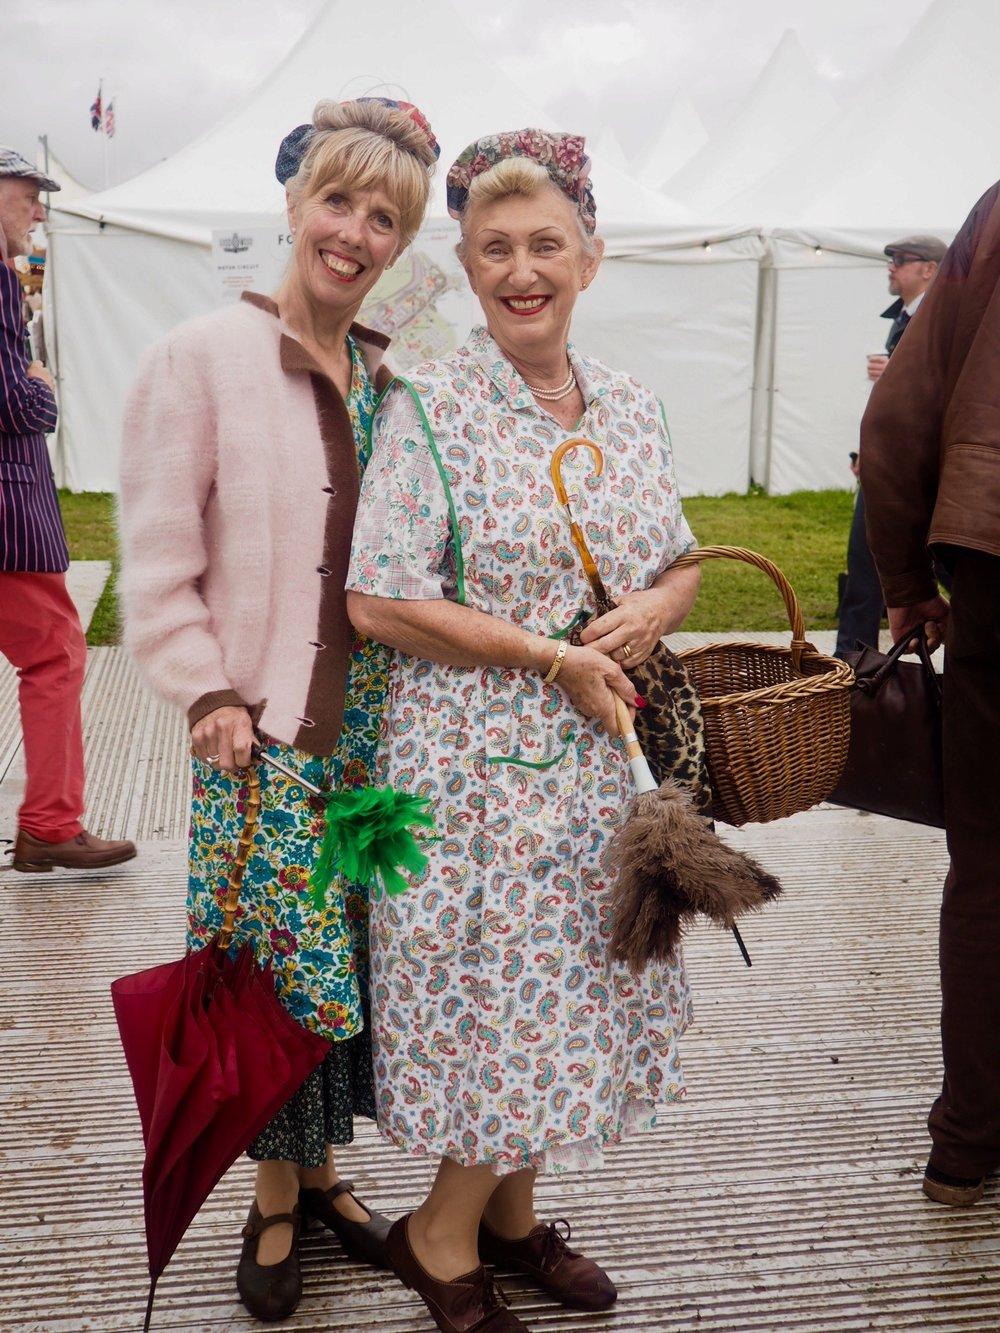 Fabulous ladies at Goodwood Revival